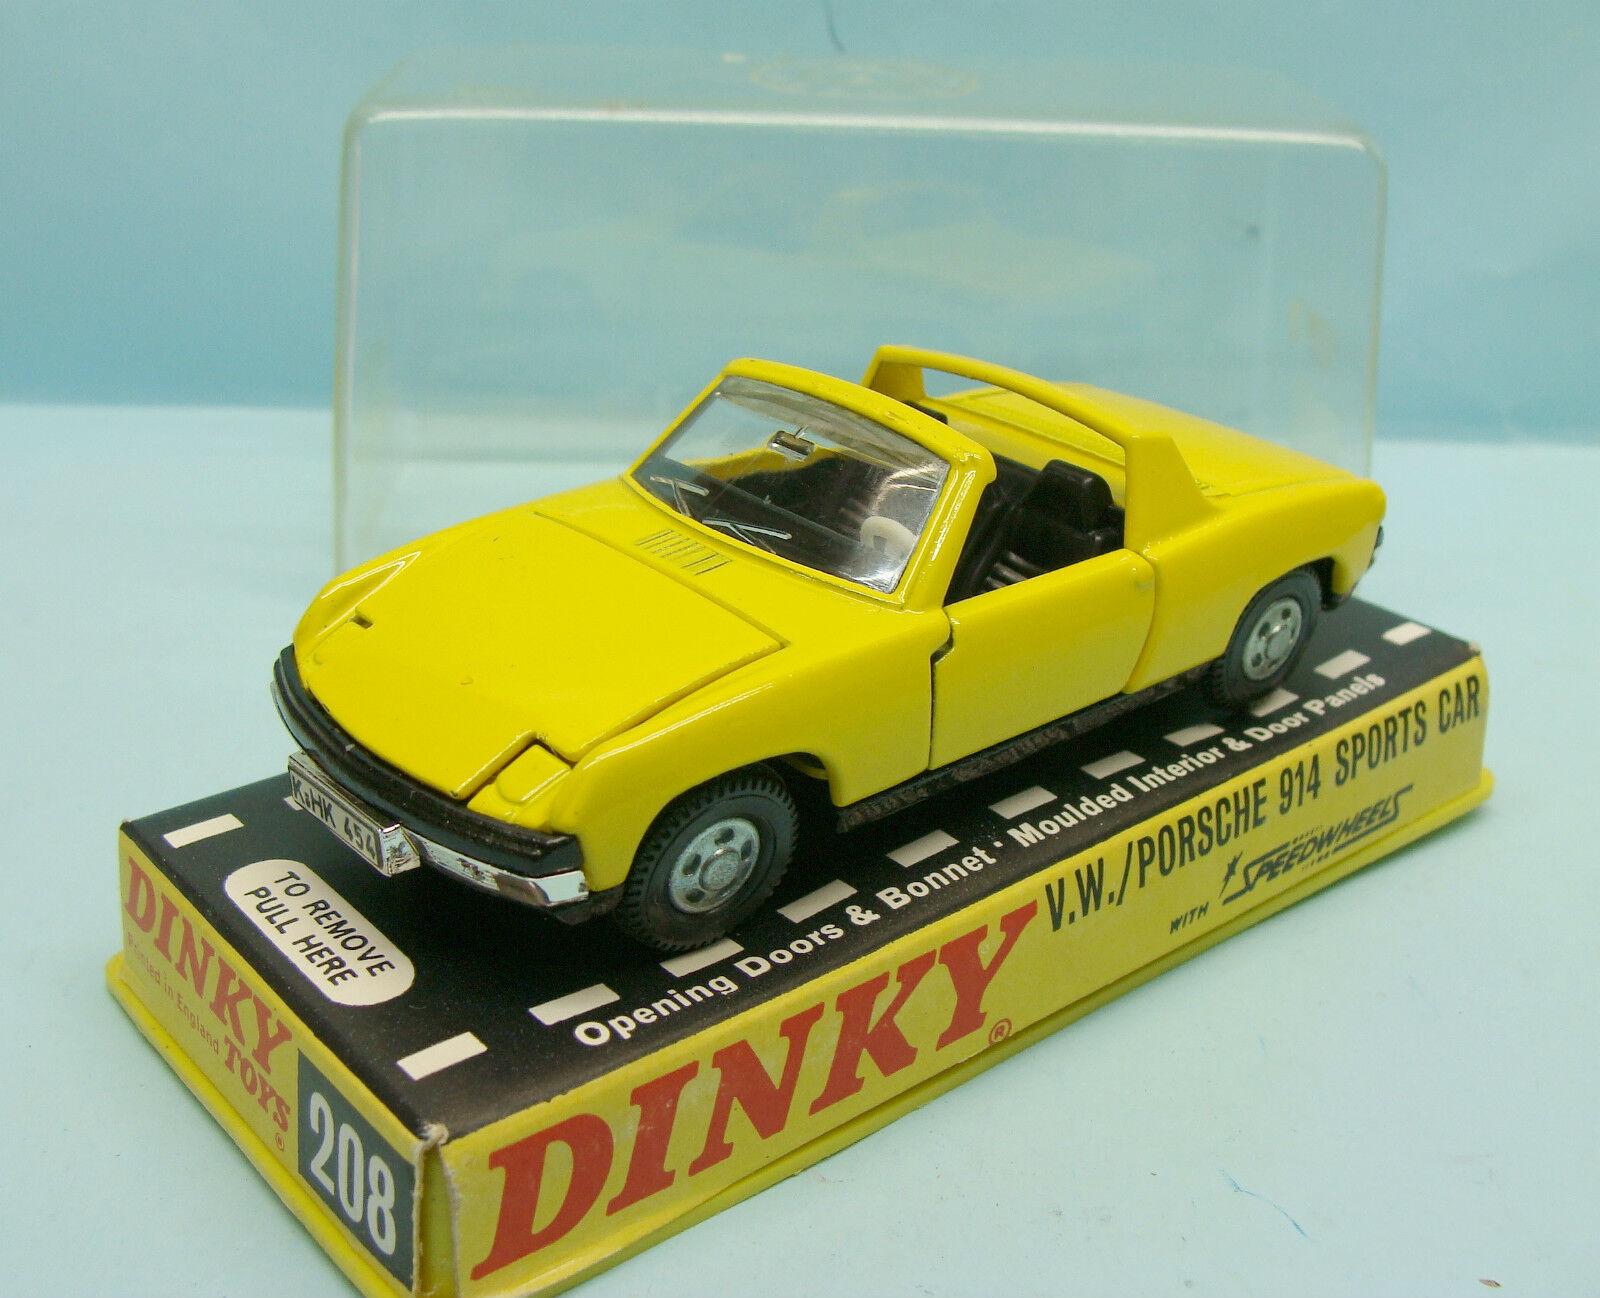 tienda de venta en línea 17365 DINKY DINKY DINKY TOYS   ENGLAND   VOLKSWAGEN PORSCHE 914 SPORT Coche 1 43  solo cómpralo